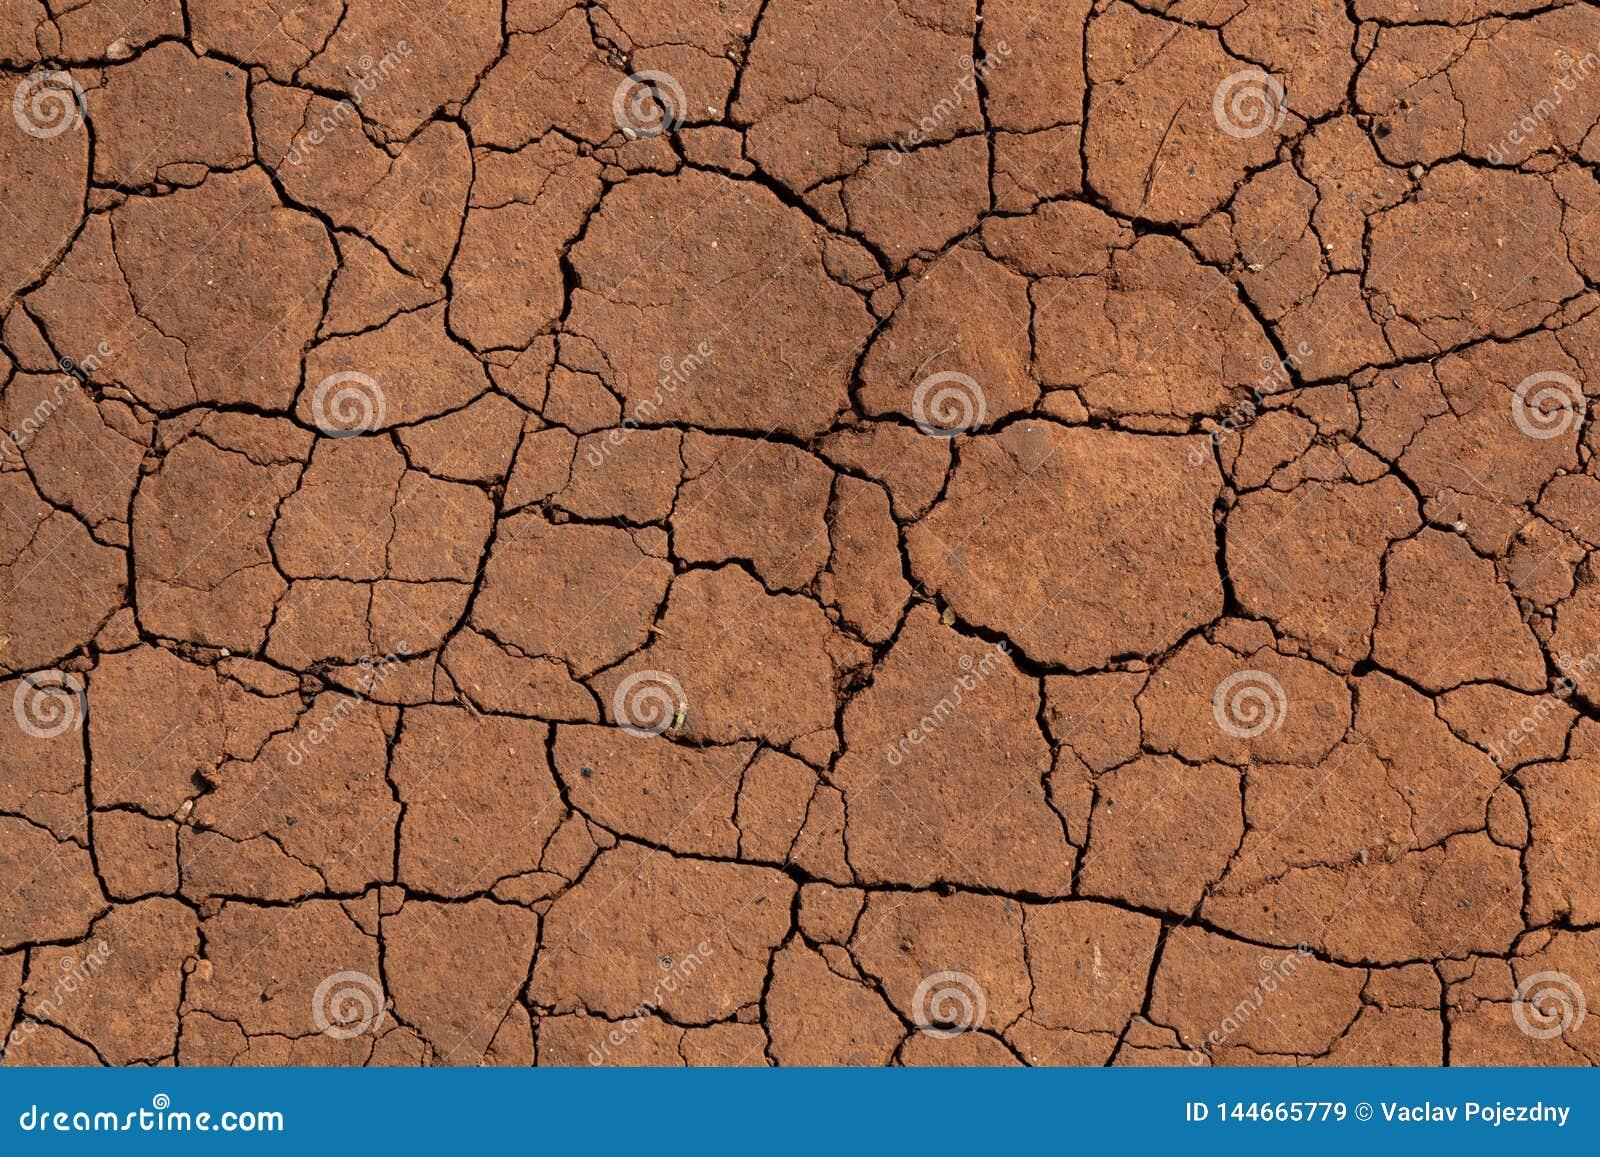 Cracks in a dry soil